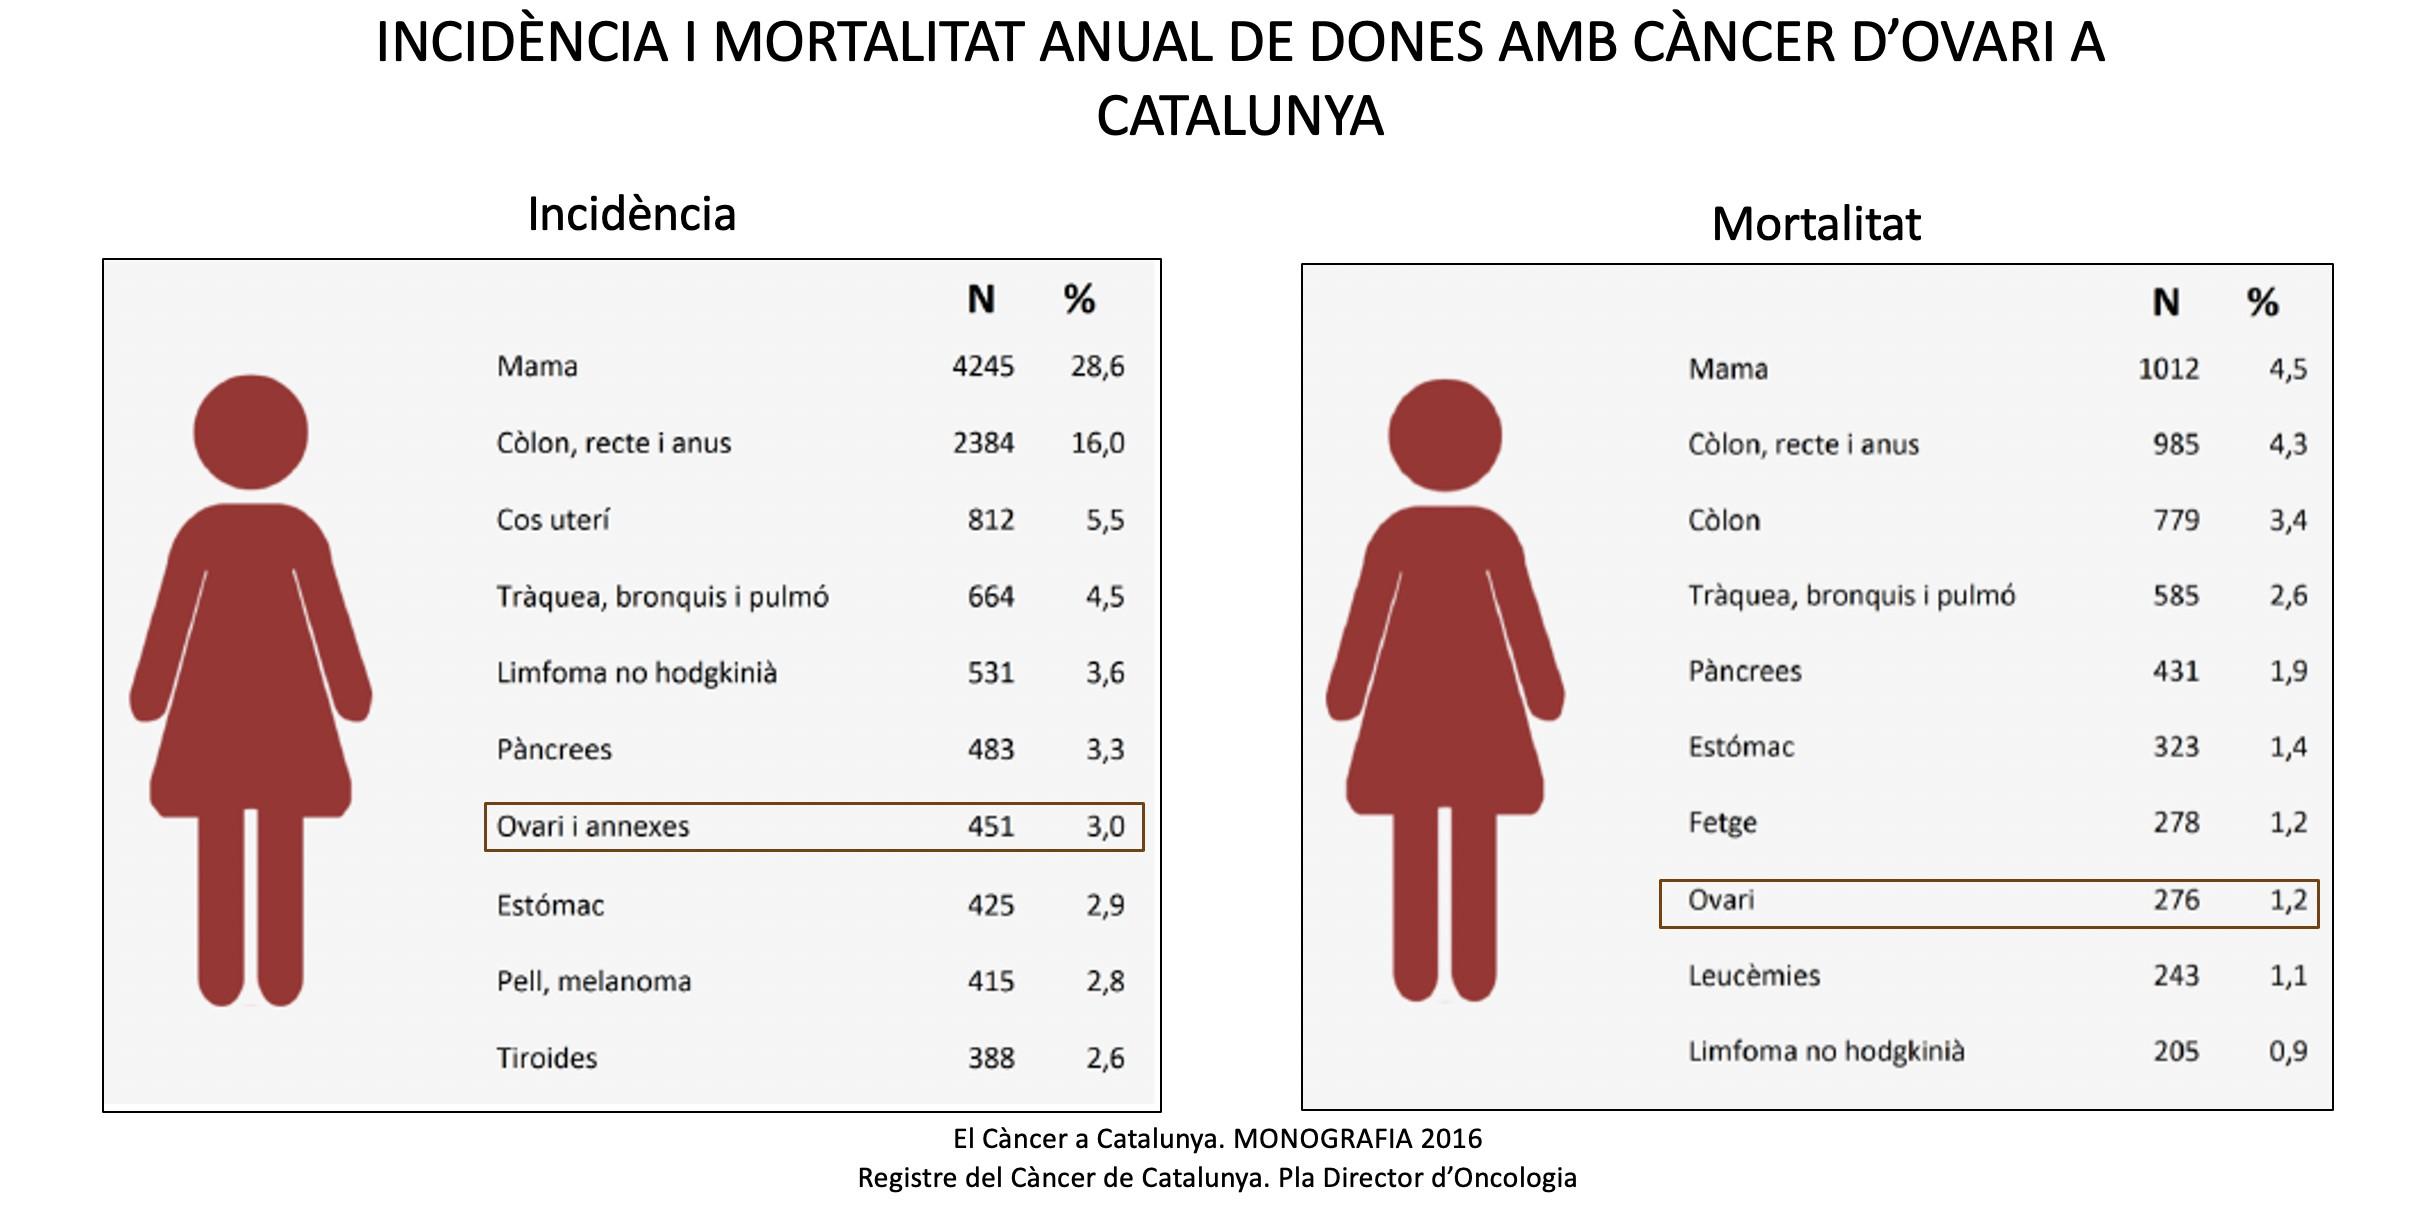 INCIDENCIA DEL CANCER OVARIO